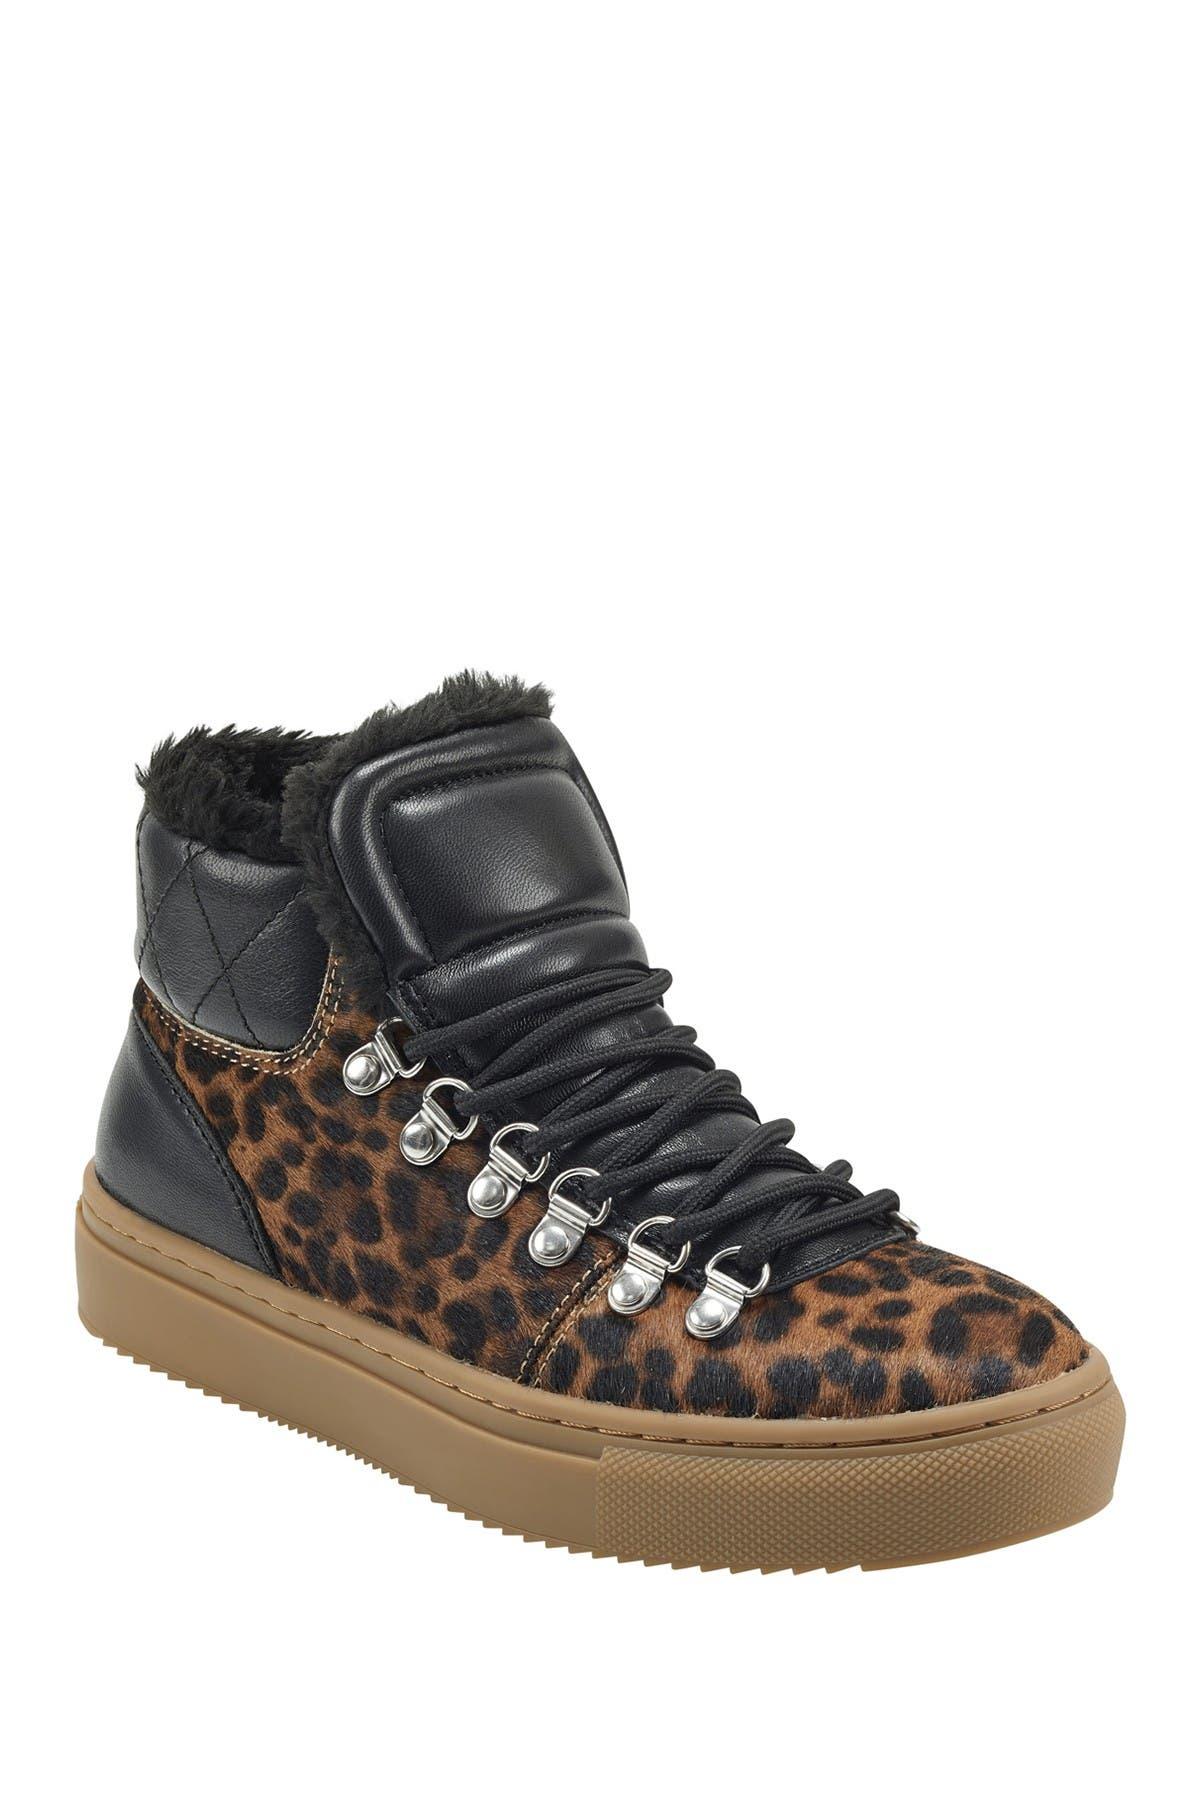 Image of Marc Fisher LTD Daisie Sneaker Bootie